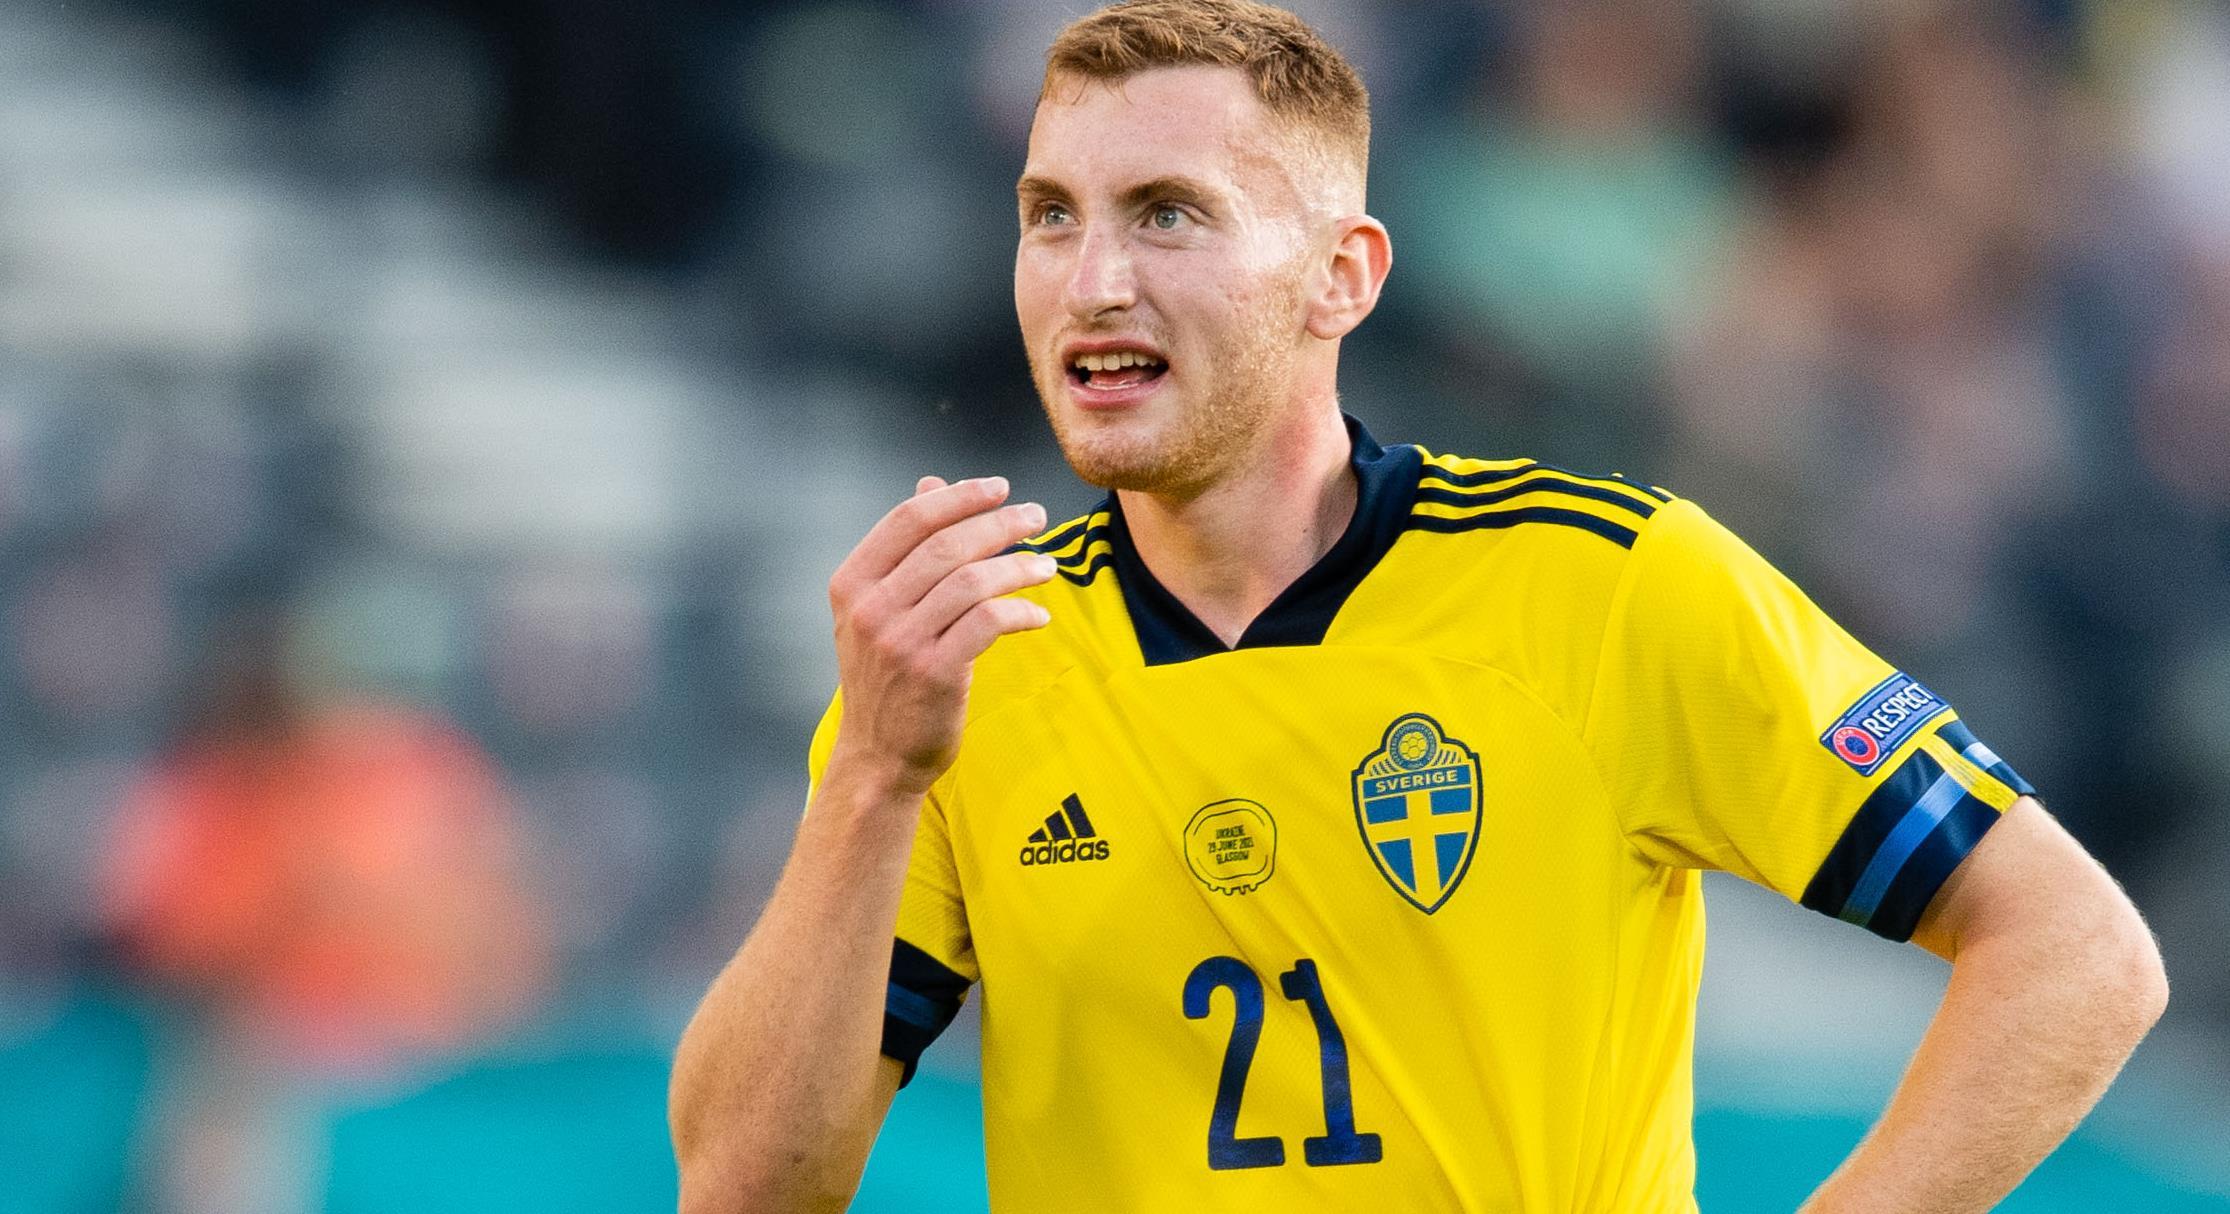 Ytter i Juventus - men Janne ser fortfarande Kulusevski som forward